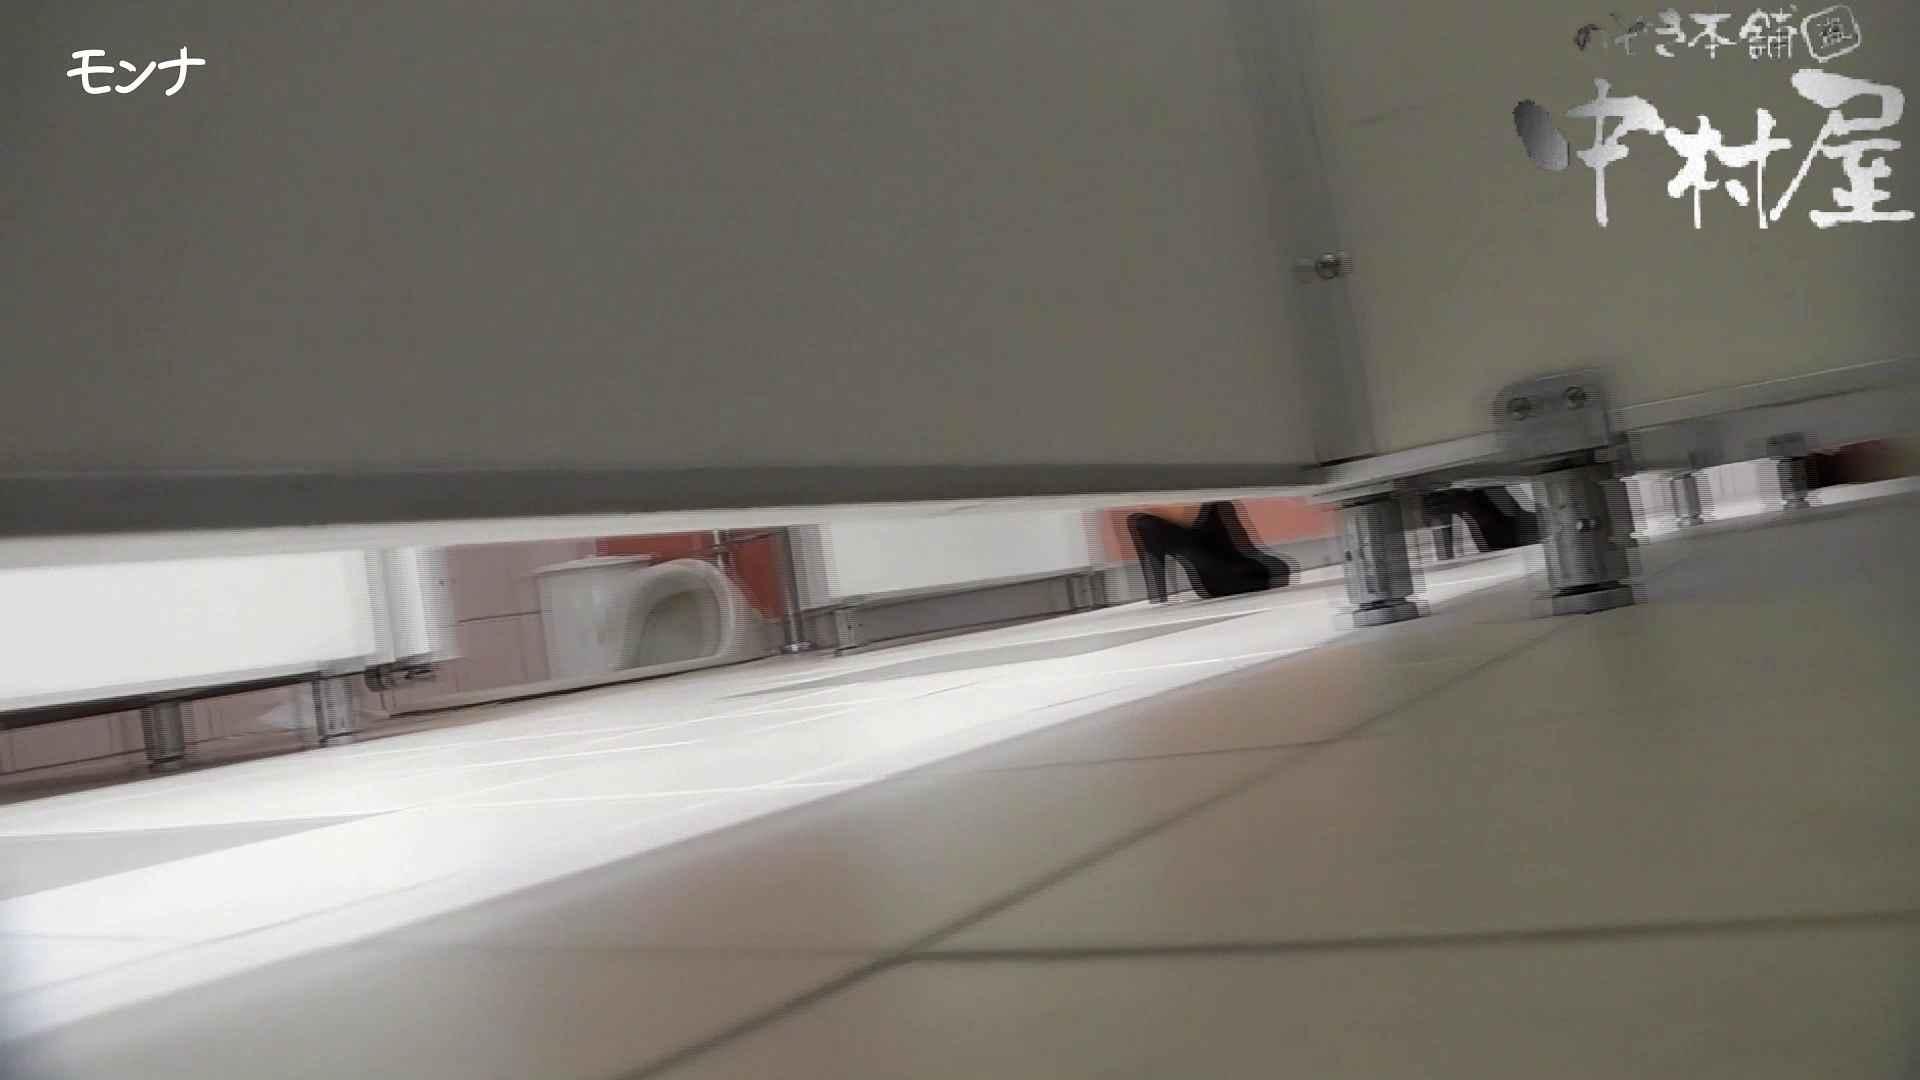 【美しい日本の未来】美しい日本の未来 No.43 復活宣言、本格的に出動、花柄スカートにズームイン 覗き放題 | おまんこ無修正  90画像 58